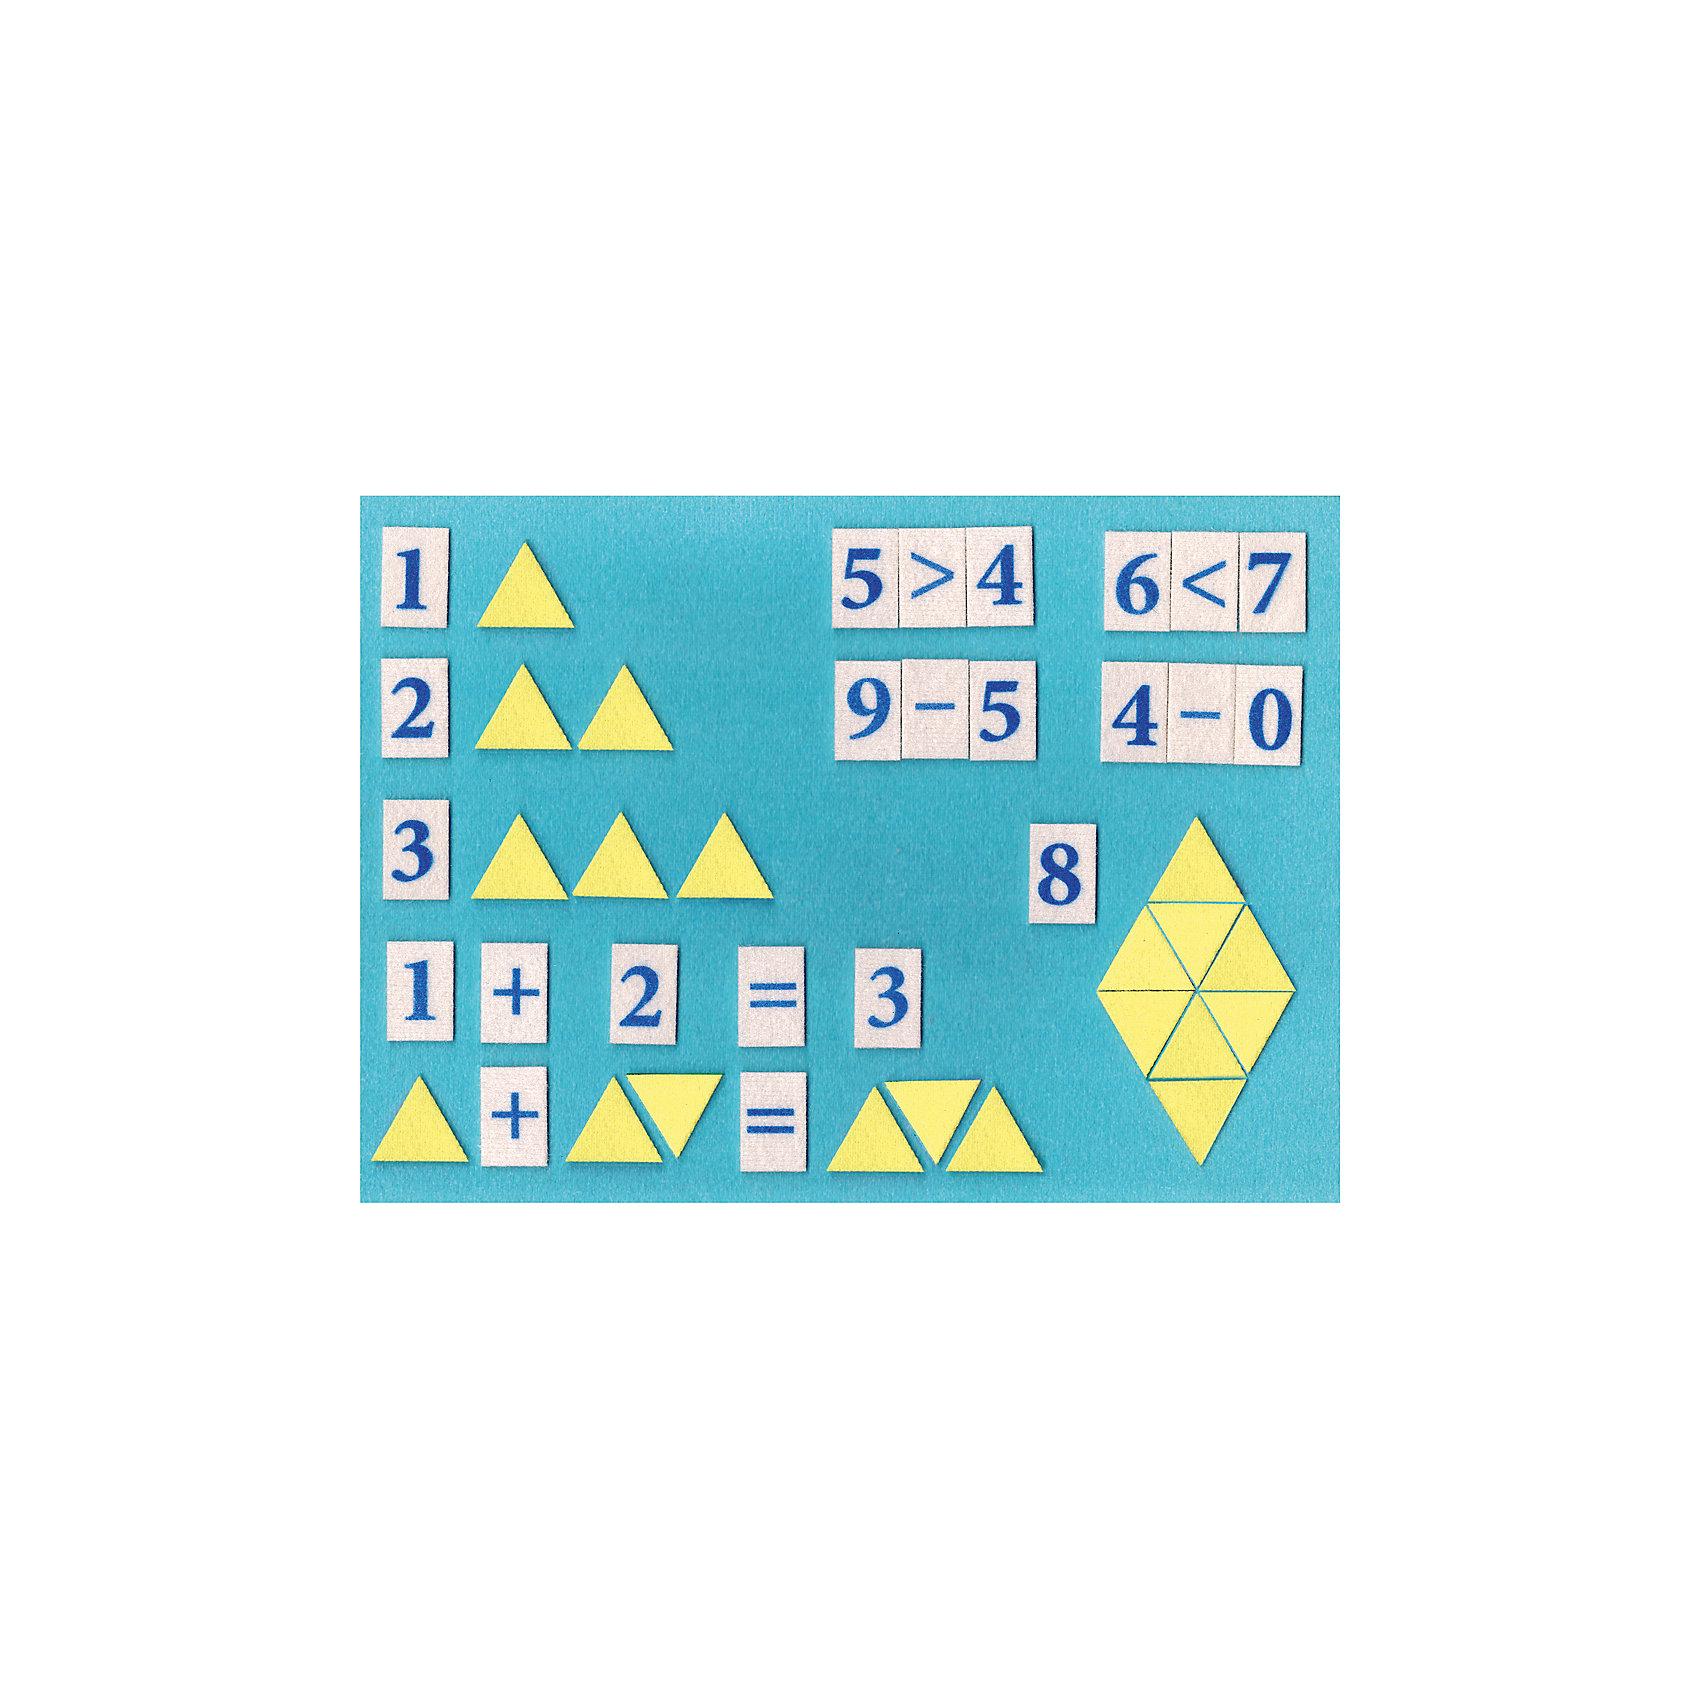 Игра на липучках Математическая мозаика однотонная, StigisОбучение счету<br>Стигисы Математическая мозаика однотонная, Стигис от компании Стигис ТМ – это новое направление в развивающих игрушках для детей. Стигисы выполнены по инновационной технологии, представляющей собой основное поле и набор из фигурок-аппликаций. Элементы крепятся на поле за счет невидимых и безопасных липучек. Все элементы набора выполнены из качественных материалов, которые устойчивы к деформации и изменению цвета. Комплектация набора включает в экран и набор из цифр, математических знаков и геометрических фигур.<br>Стигисы Математическая мозаика однотонная способствуют формированию первых математических представлений в легкой игровой форме, знакомит с основными математическими действиями и счетом, развивает логическое мышление, память и внимание. <br><br>Дополнительная информация:<br><br>- Вид игр: сюжетно-ролевые игры, развивающие<br>- Предназначение: для дома, для детских садов, для развивающих центров<br>- Материал: текстиль<br>- Комплектация: экран 30*21 см, 15 цифр, 8 математических знаков, 20 треугольников одного цвета<br>- Размер упаковки (ДхШхВ): 30*21,5*5 см<br>- Вес: 140 г<br>- Особенности ухода: допускается сухая чистка<br><br>Подробнее:<br><br>• Для детей в возрасте: от 3 лет и до 10 лет <br>• Страна производитель: Россия<br>• Торговый бренд: Стигис ТМ<br><br>Стигисы Математическая мозаика однотонная, Стигис можно купить в нашем интернет-магазине.<br><br>Ширина мм: 300<br>Глубина мм: 215<br>Высота мм: 5<br>Вес г: 140<br>Возраст от месяцев: 36<br>Возраст до месяцев: 120<br>Пол: Унисекс<br>Возраст: Детский<br>SKU: 4936350